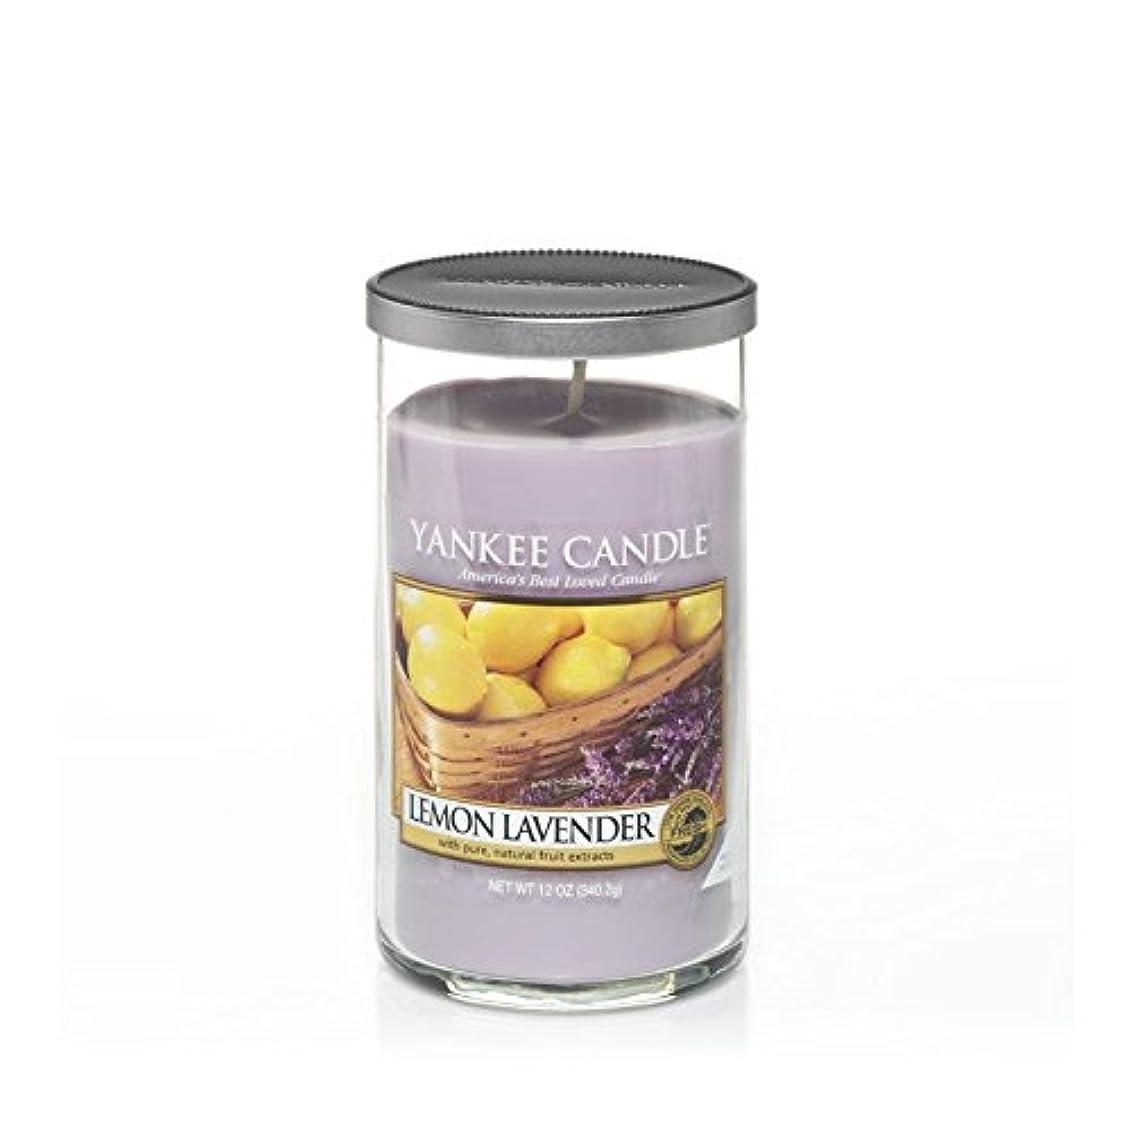 水平同志悲観主義者Yankee Candles Medium Pillar Candle - Lemon Lavender (Pack of 6) - ヤンキーキャンドルメディアピラーキャンドル - レモンラベンダー (x6) [並行輸入品]